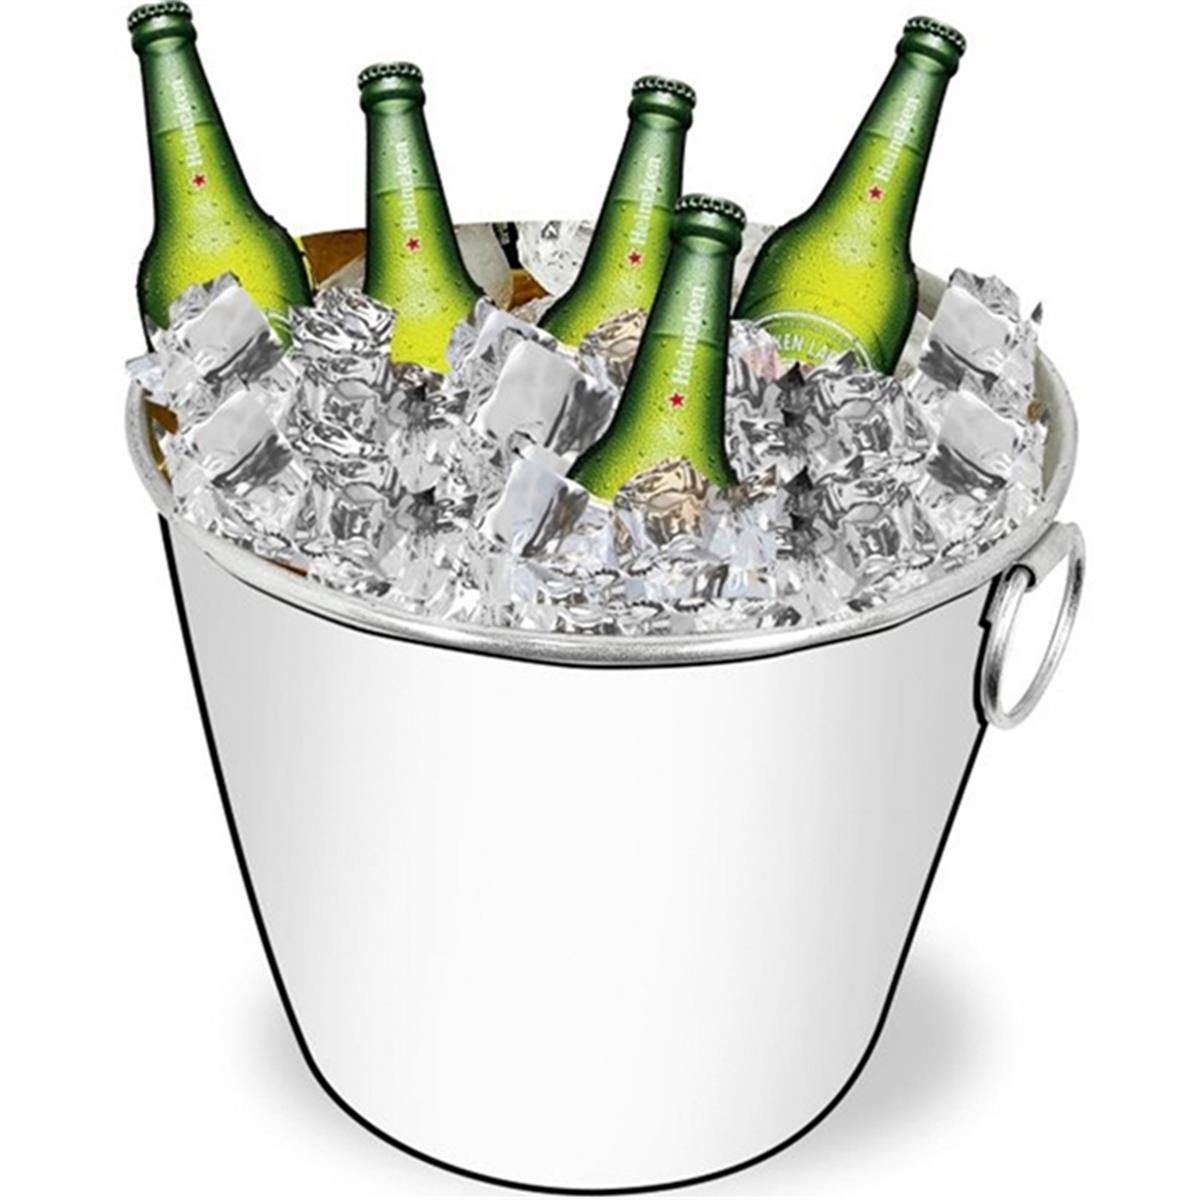 Preferência Balde De Gelo Para Cerveja 5 Litros 712 Mta - Mta QC63